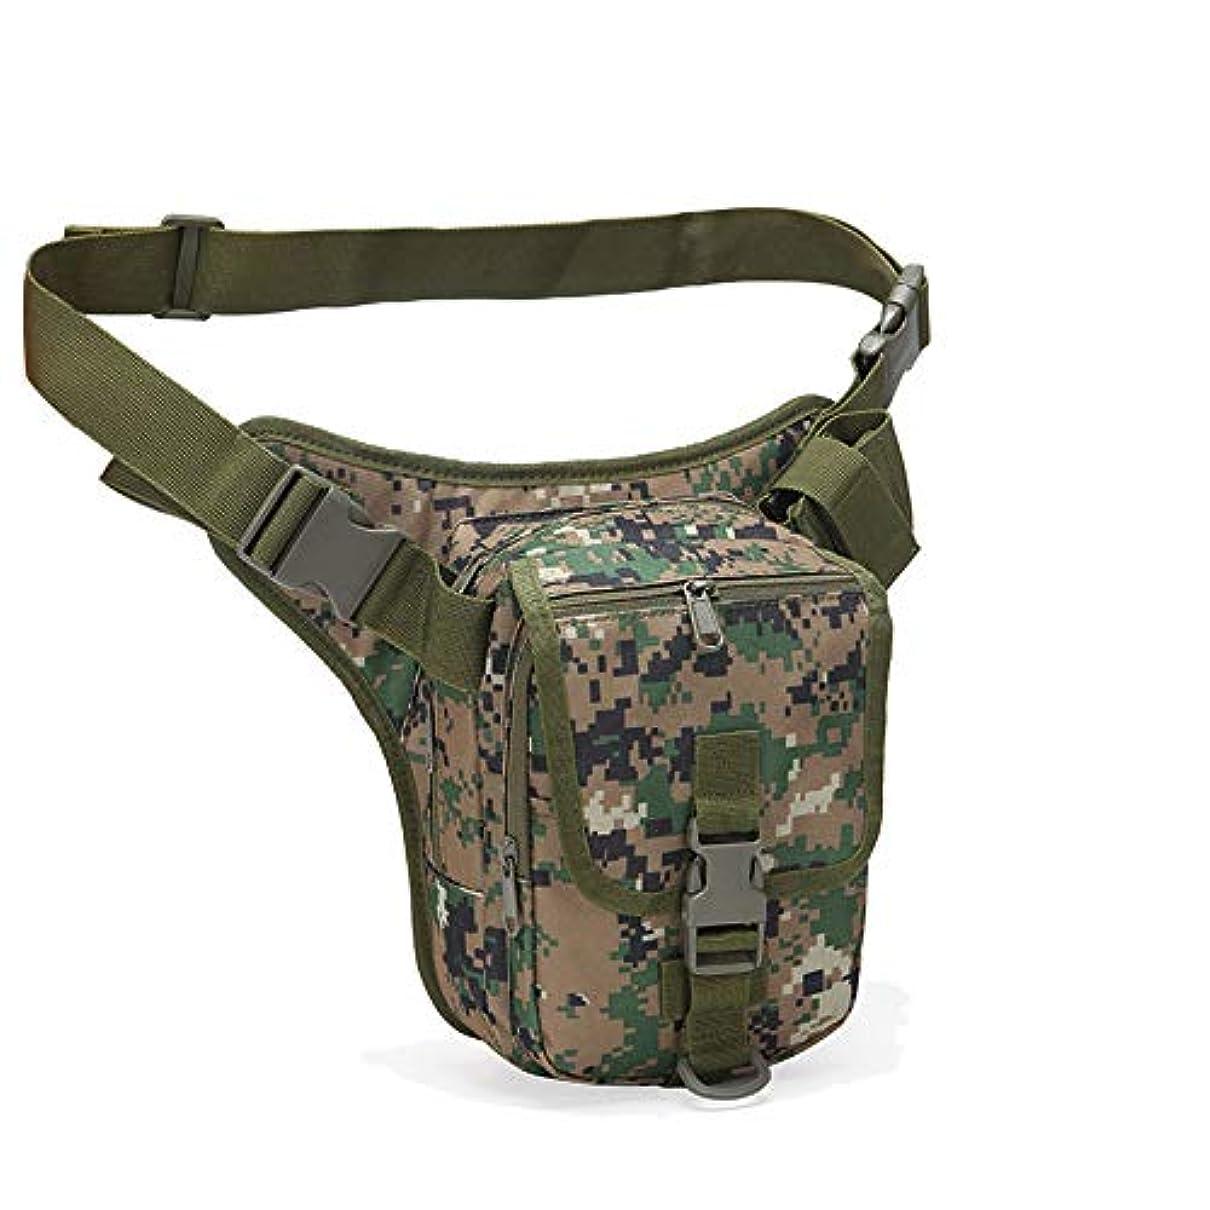 ボイド処理するトリムOutdoor Tactical Bag Assault Combat Camouflage Tactical Molle Leg Pack